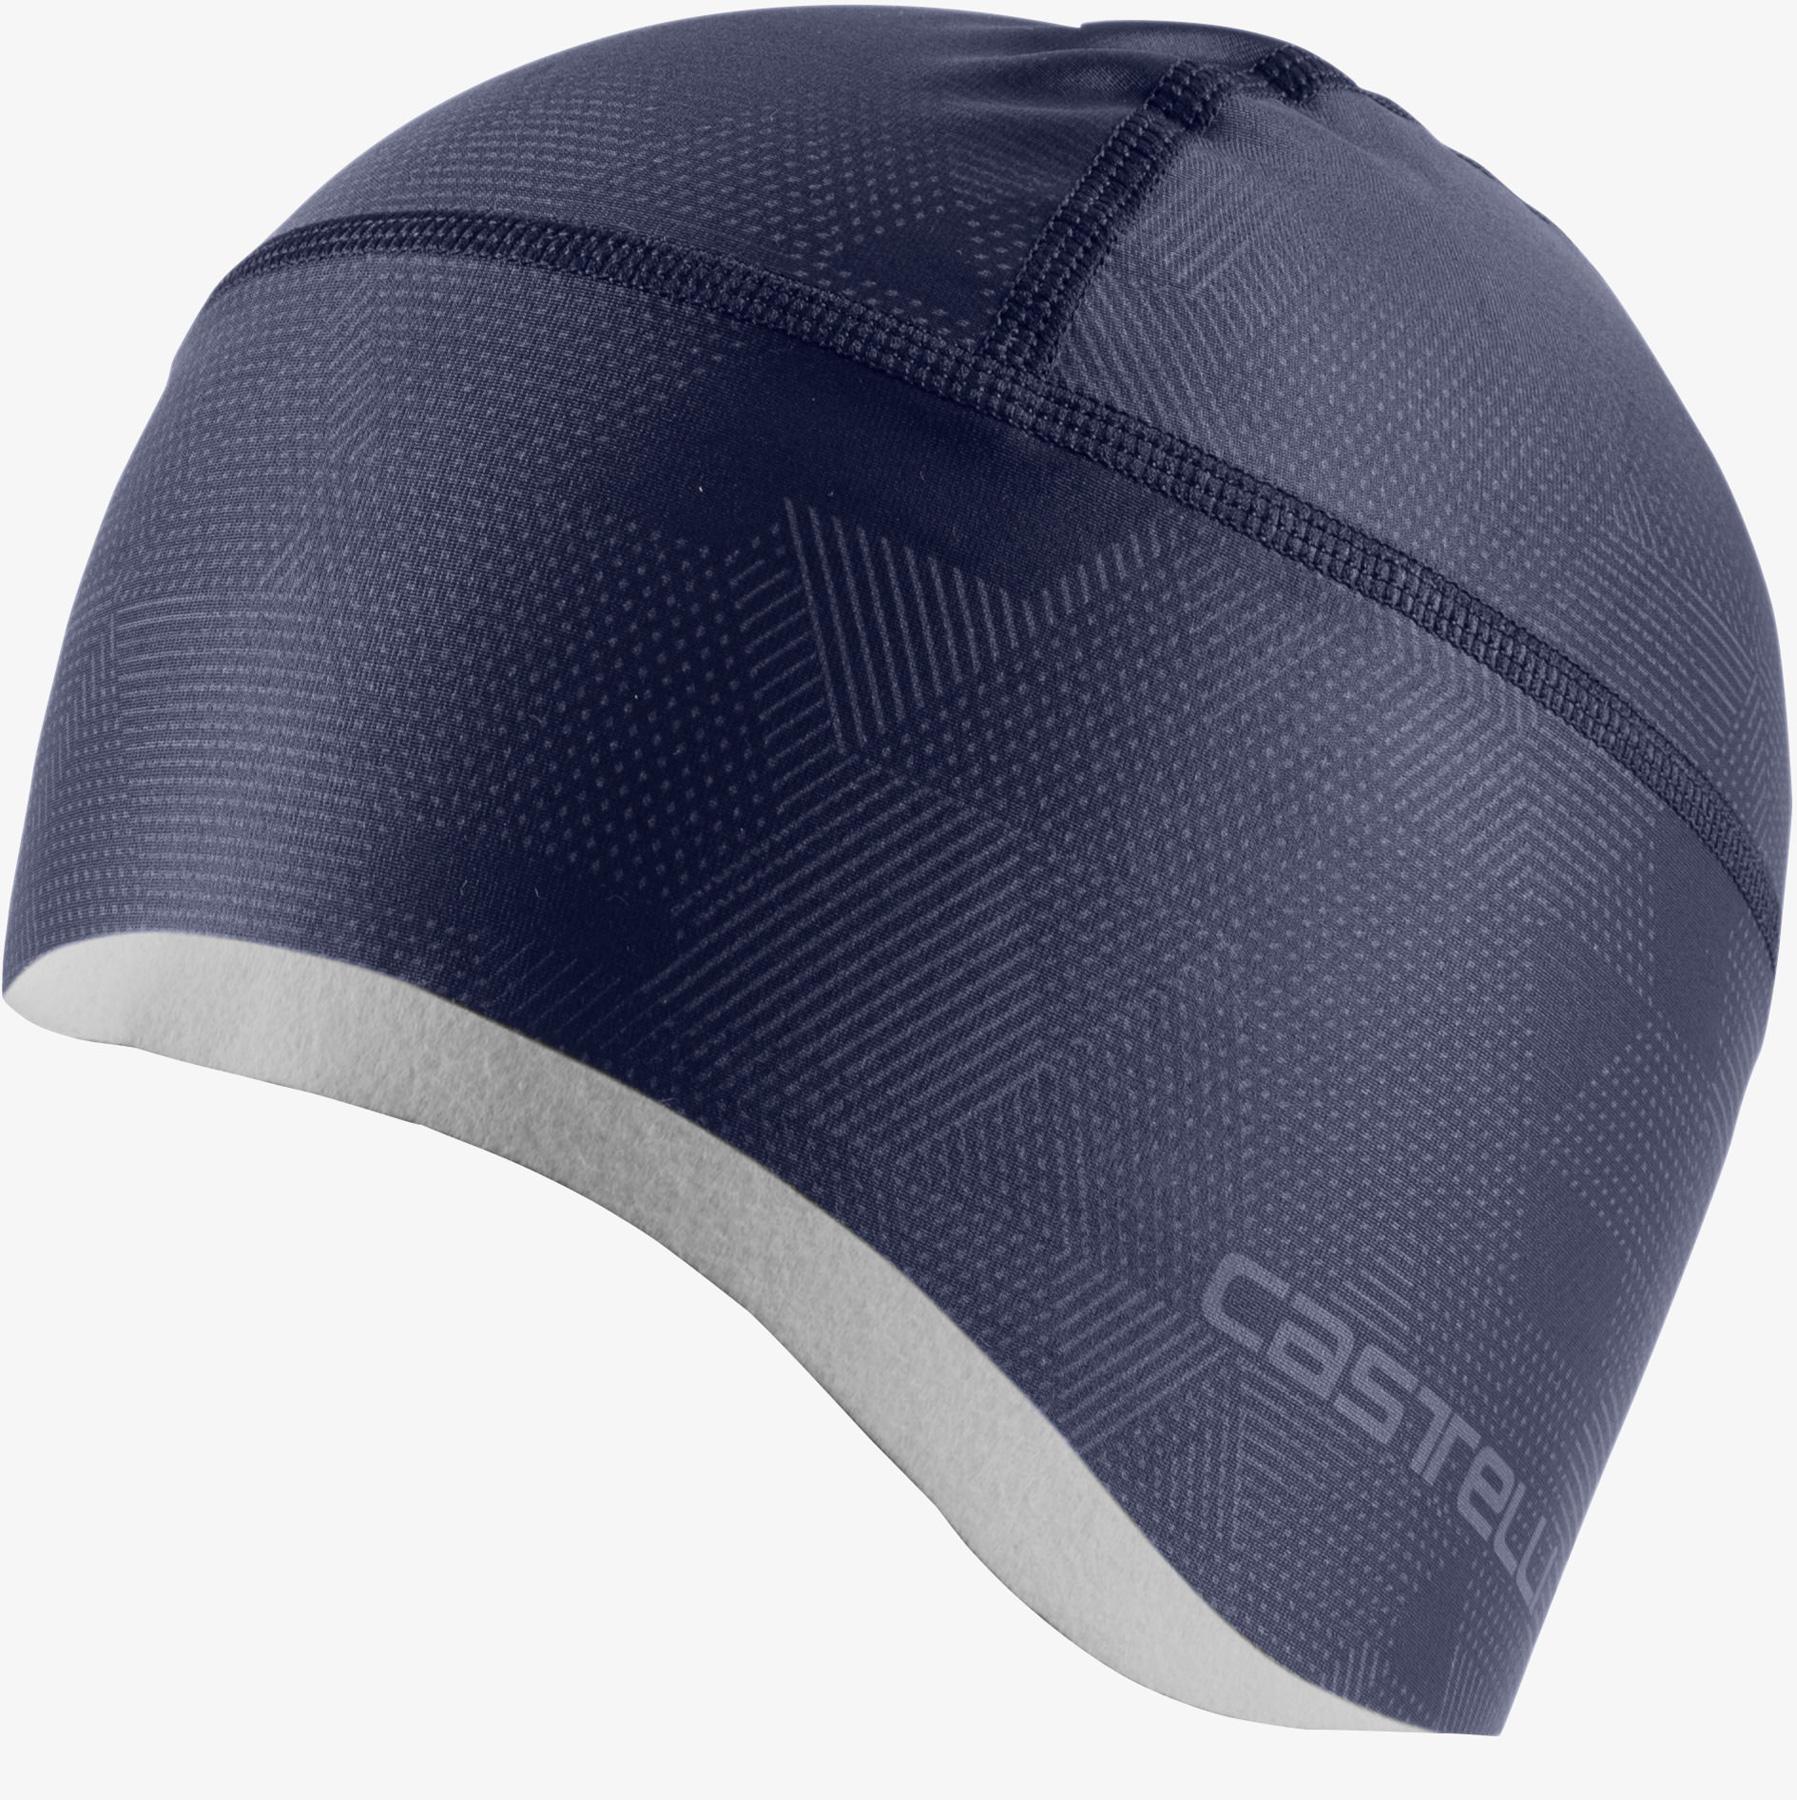 Produktbild von Castelli Pro Thermal Skully Unterhelm - savile blue 414